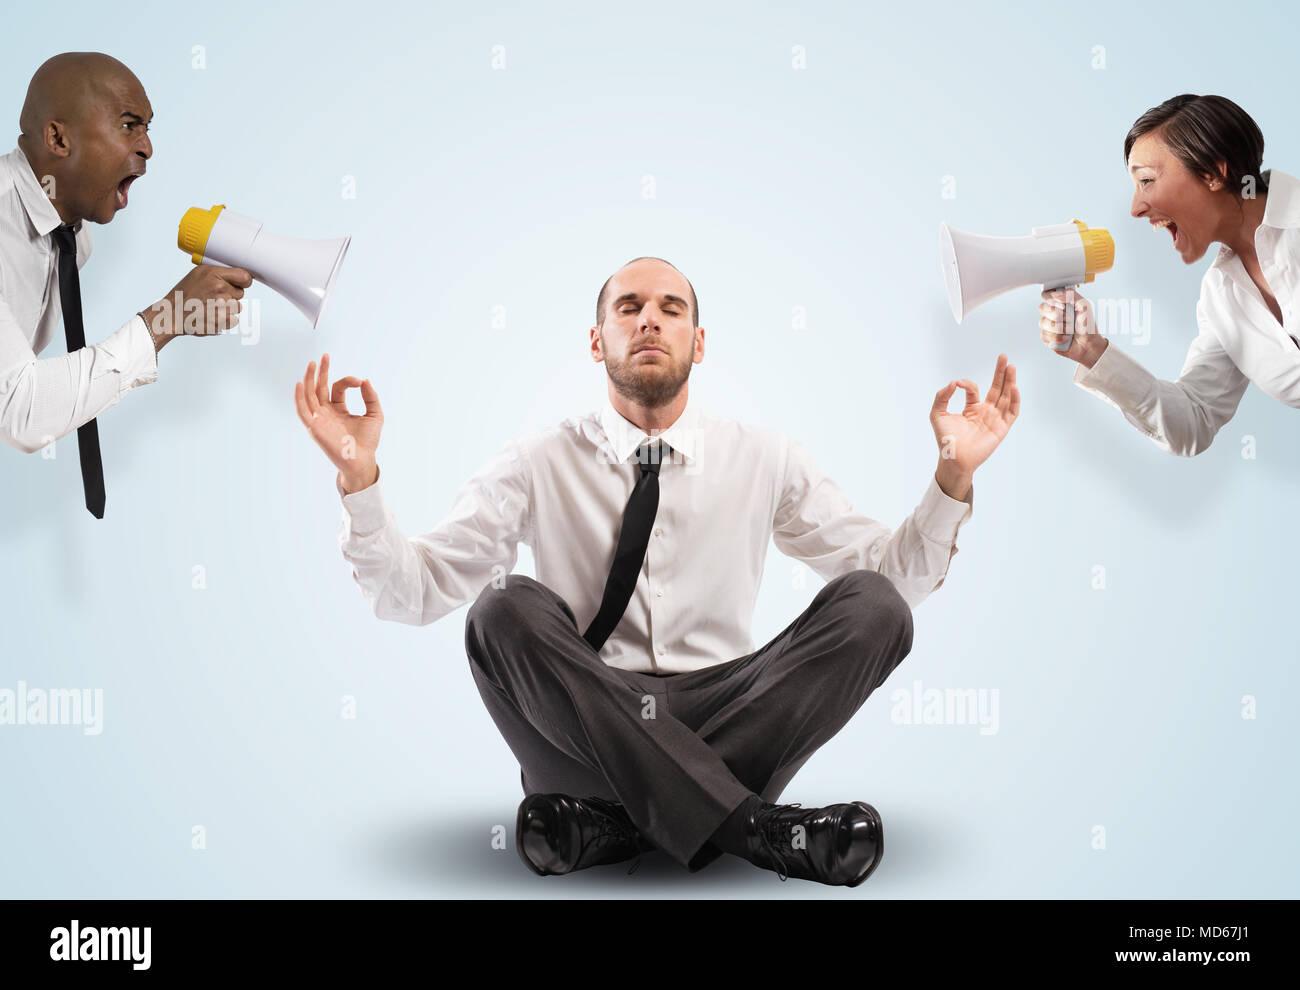 Impassive businessman despite the screams - Stock Image